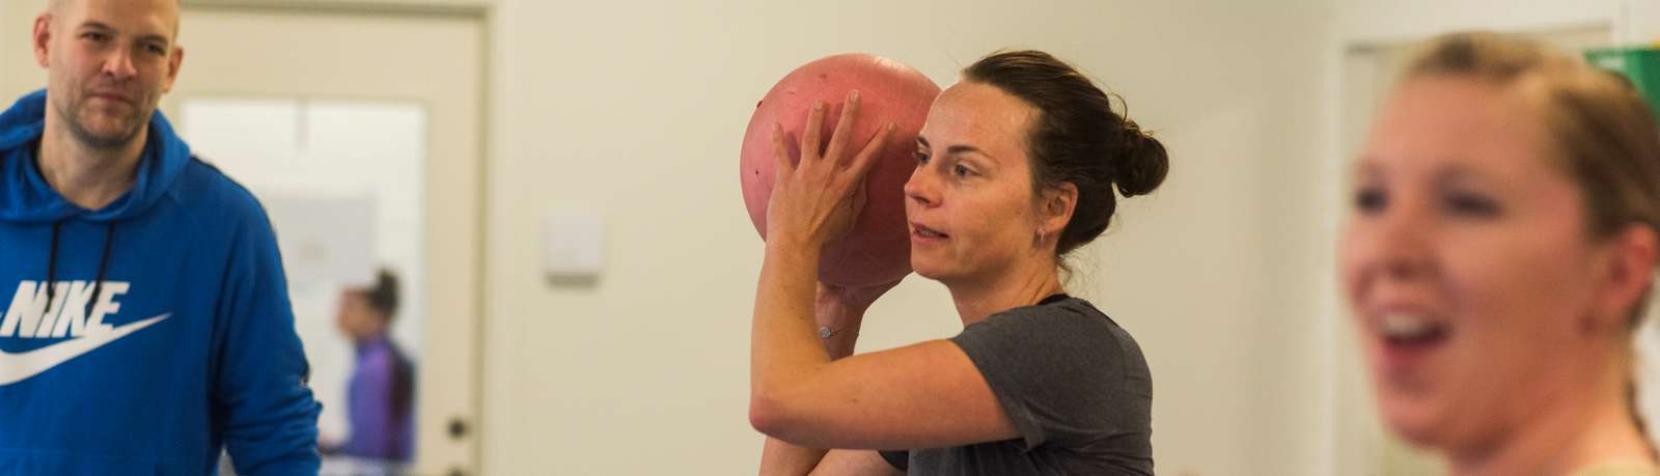 Træning i Genoptræningscenter Rudersdal